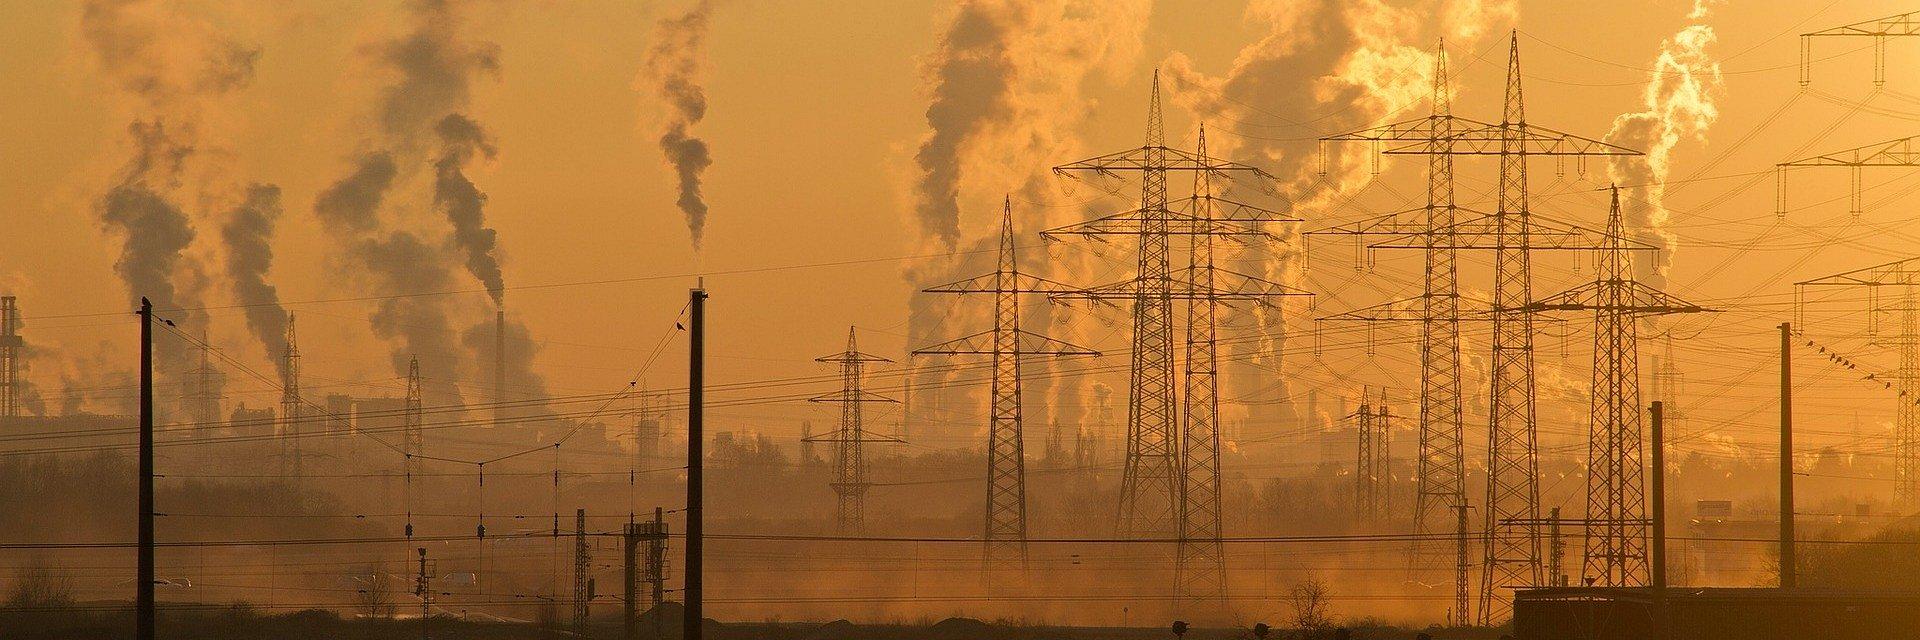 Obywatele walczą z państwem o czyste powietrze. Czy to dopiero początek?